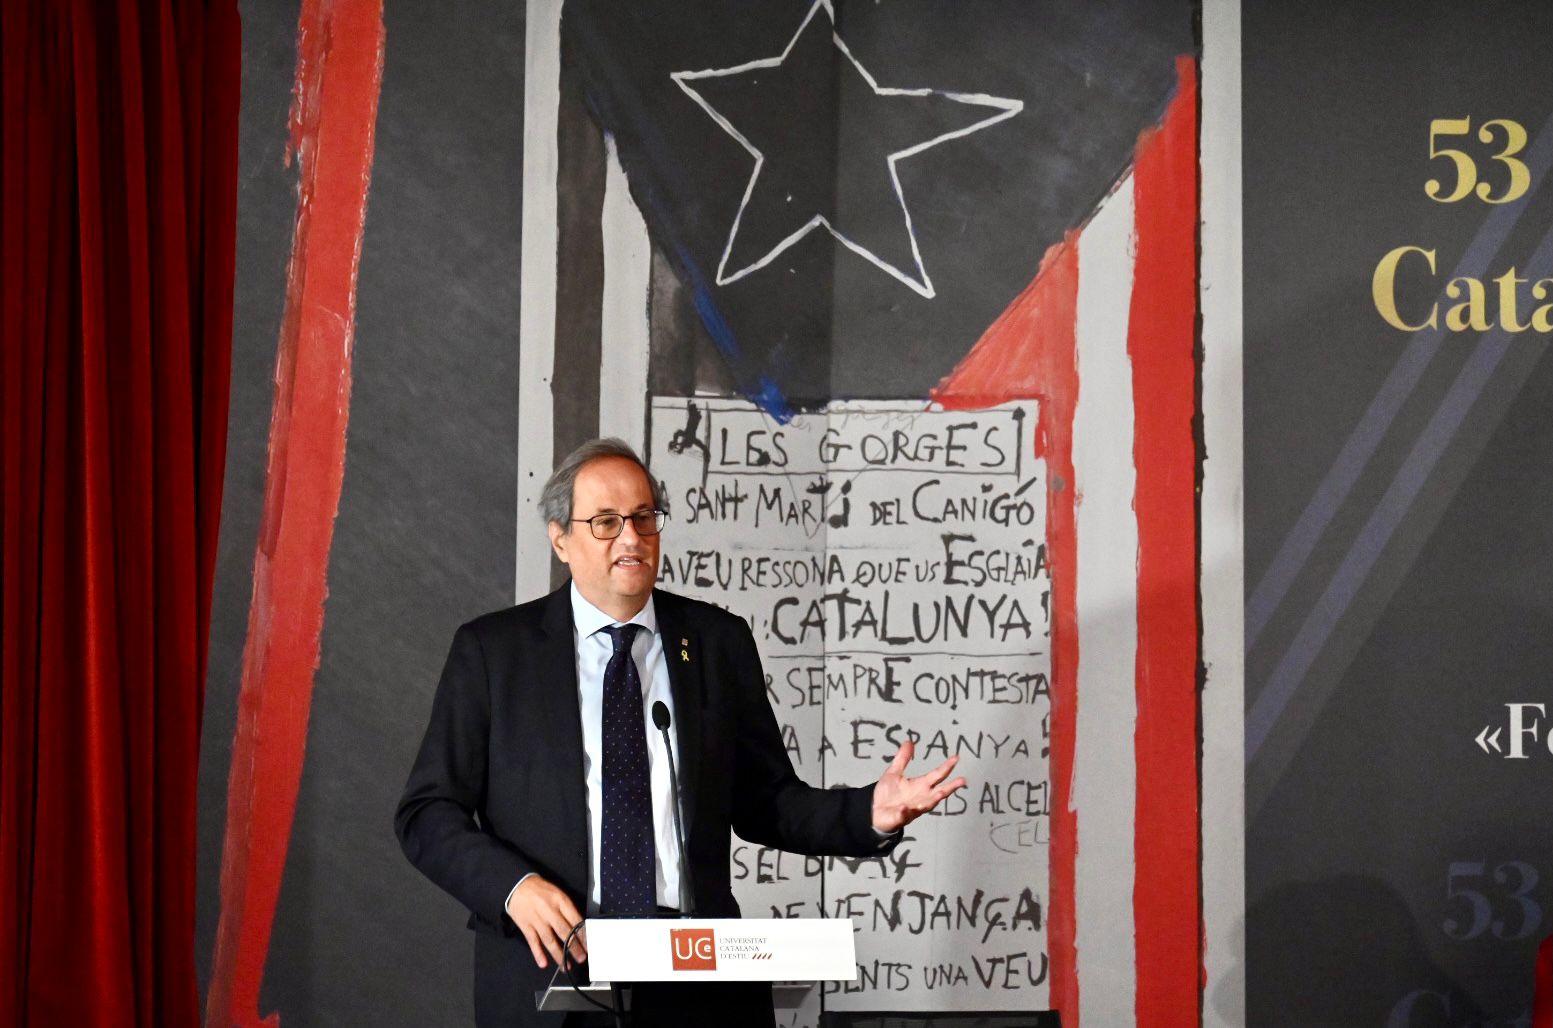 Una imatge de Torra durant la xerrada on amb la mà suporta Espanya/Josep Maria Montaner